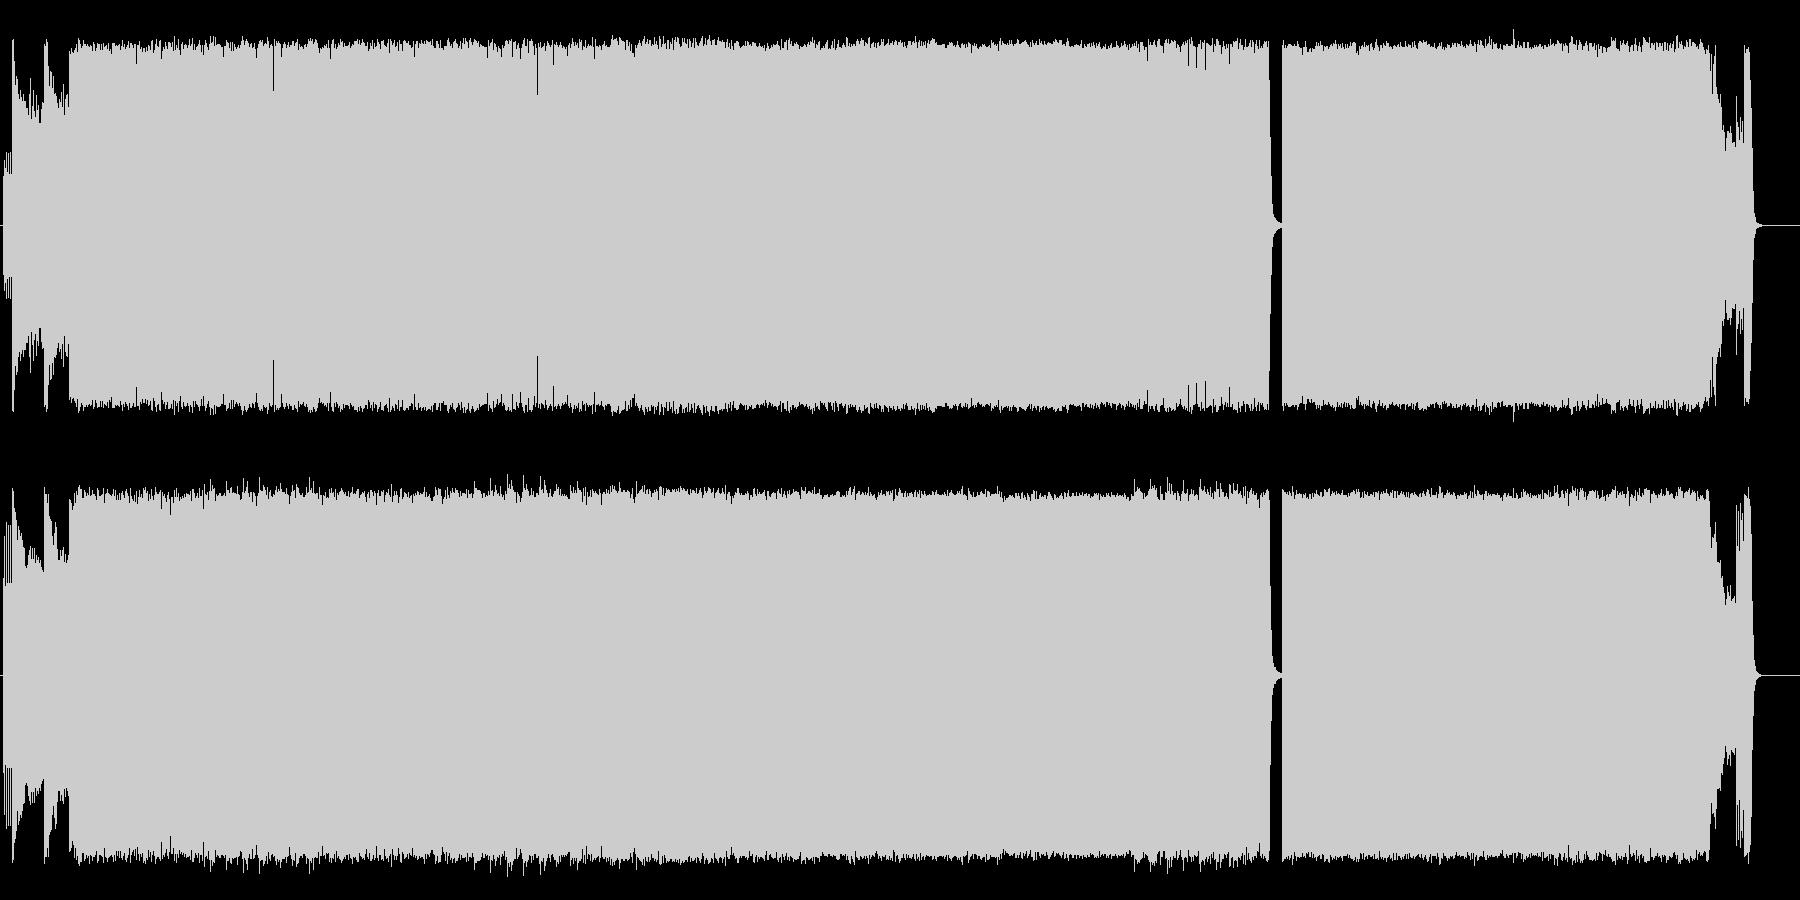 闘志あふれるスピード感のあるヘビメタの未再生の波形